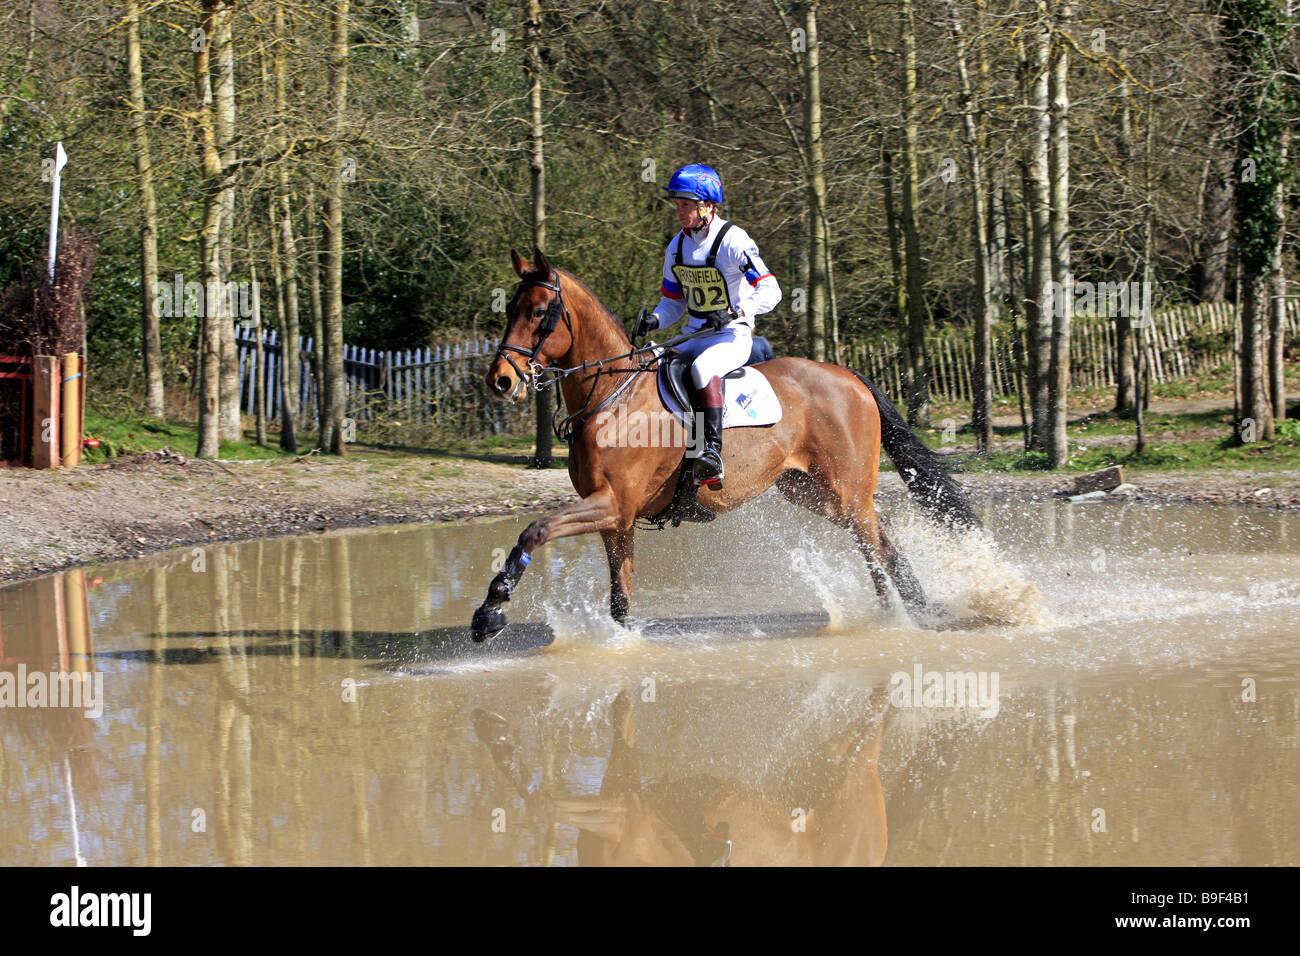 Un día caballo cubriendo sucesos aleatorios saltos de agua y terrenos inusuales Imagen De Stock